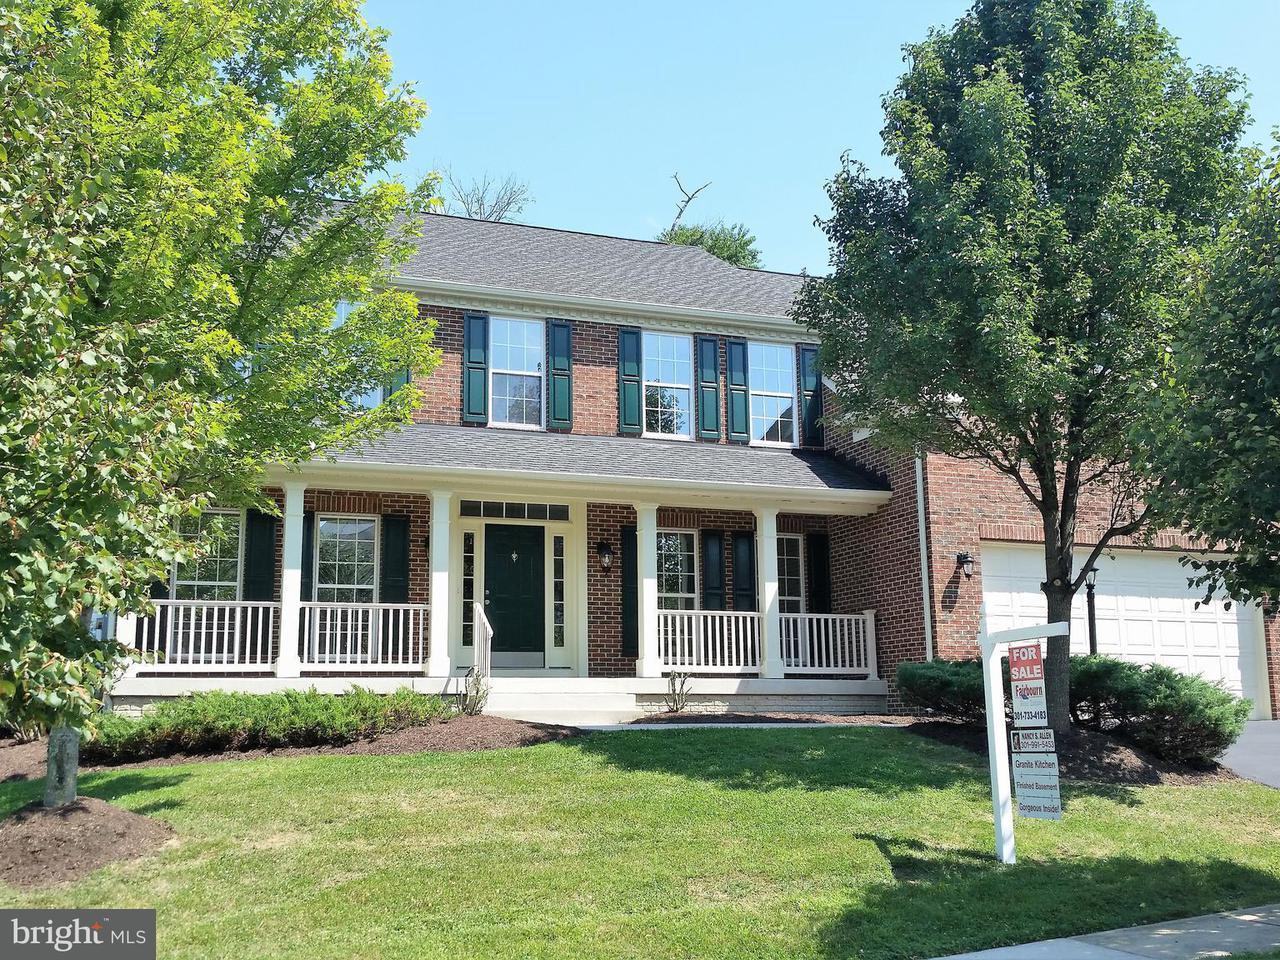 Частный односемейный дом для того Продажа на 22 BRAD ALAN Drive 22 BRAD ALAN Drive Brunswick, Мэриленд 21758 Соединенные Штаты